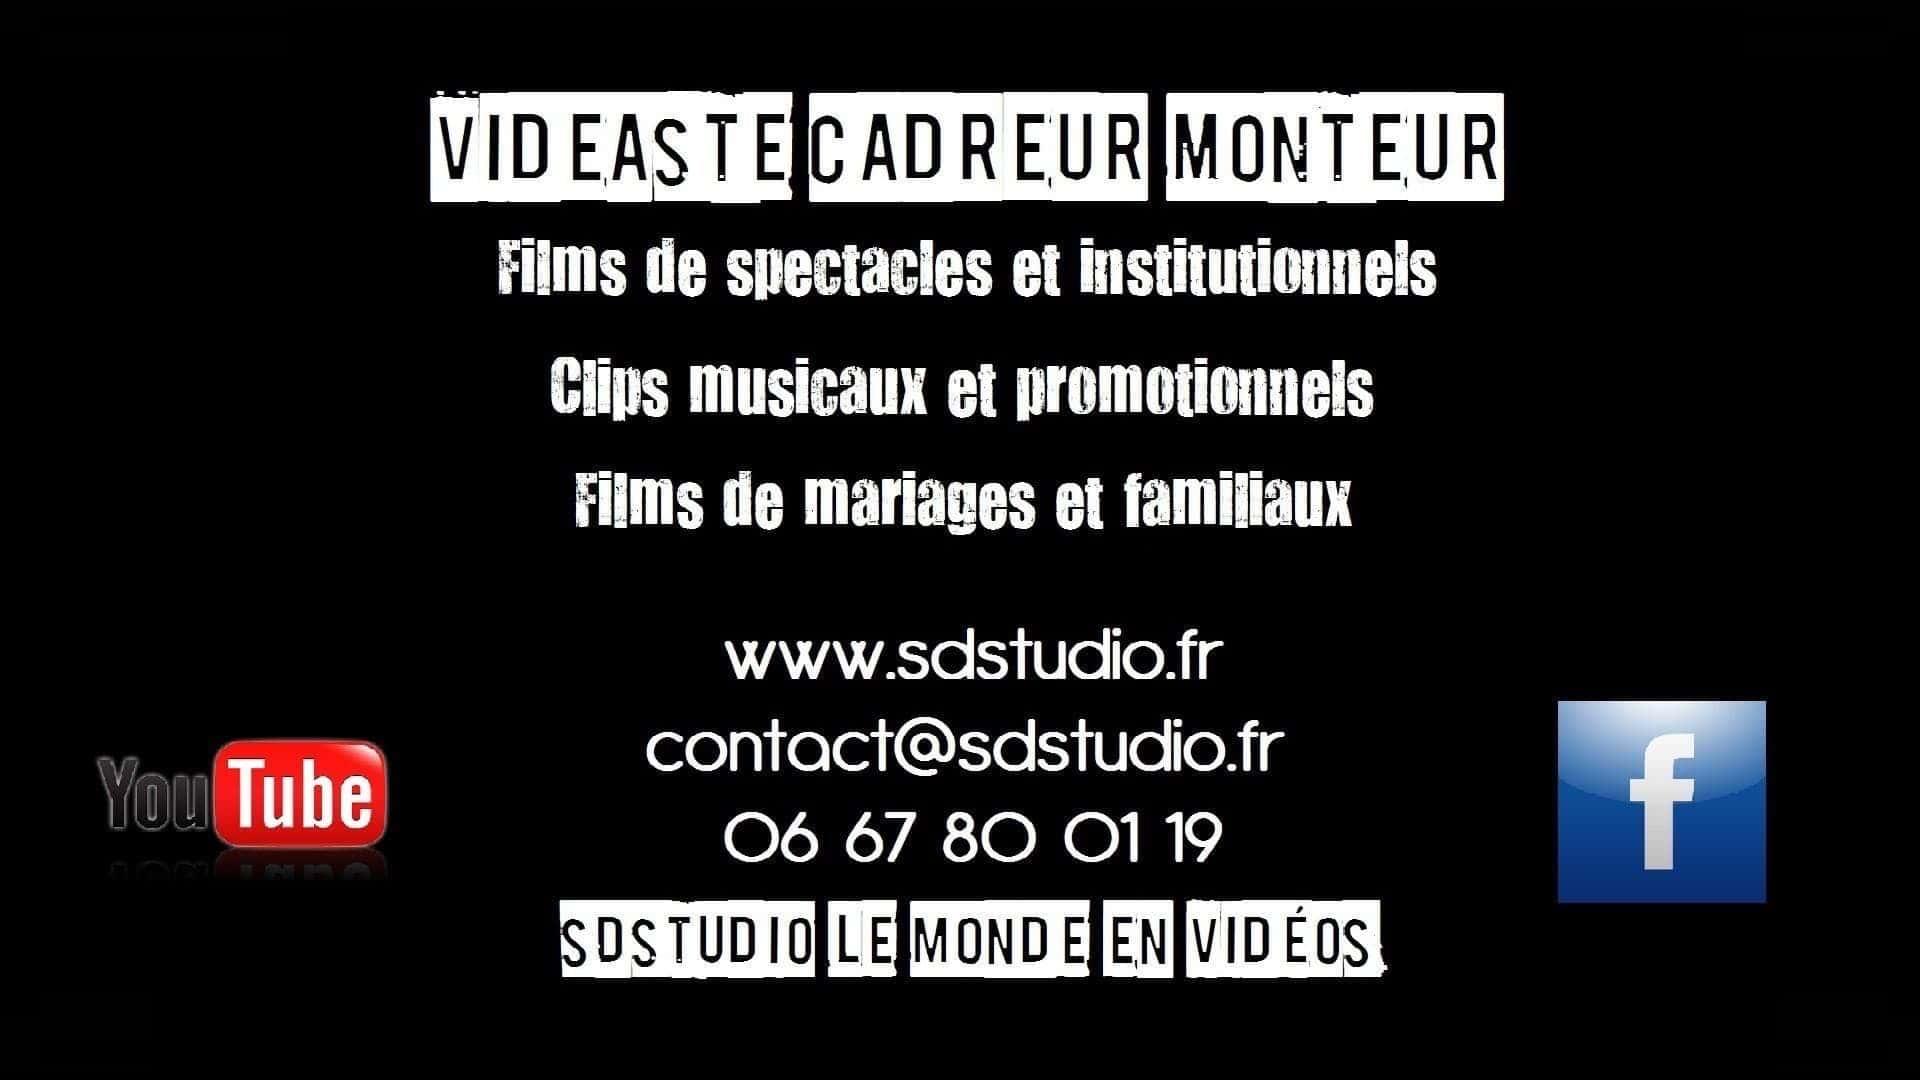 SDSTUDIO Sebastien Desserey